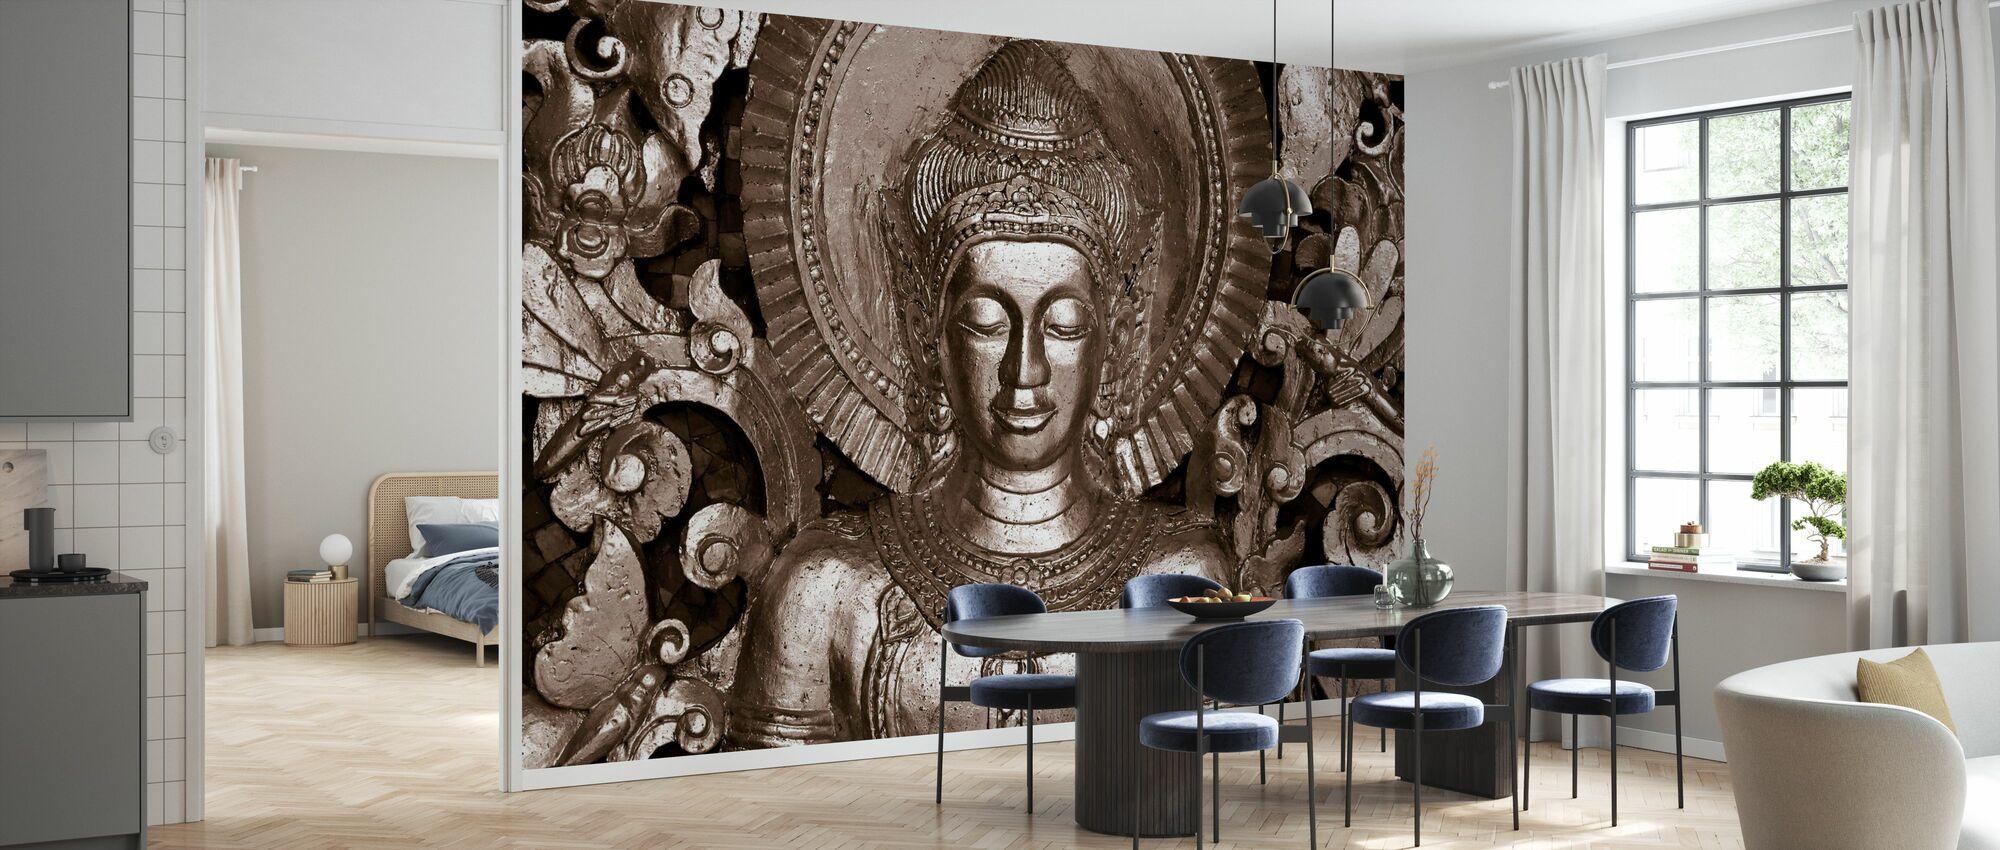 Buddha - Luang Prabang - Sepia - Wallpaper - Kitchen